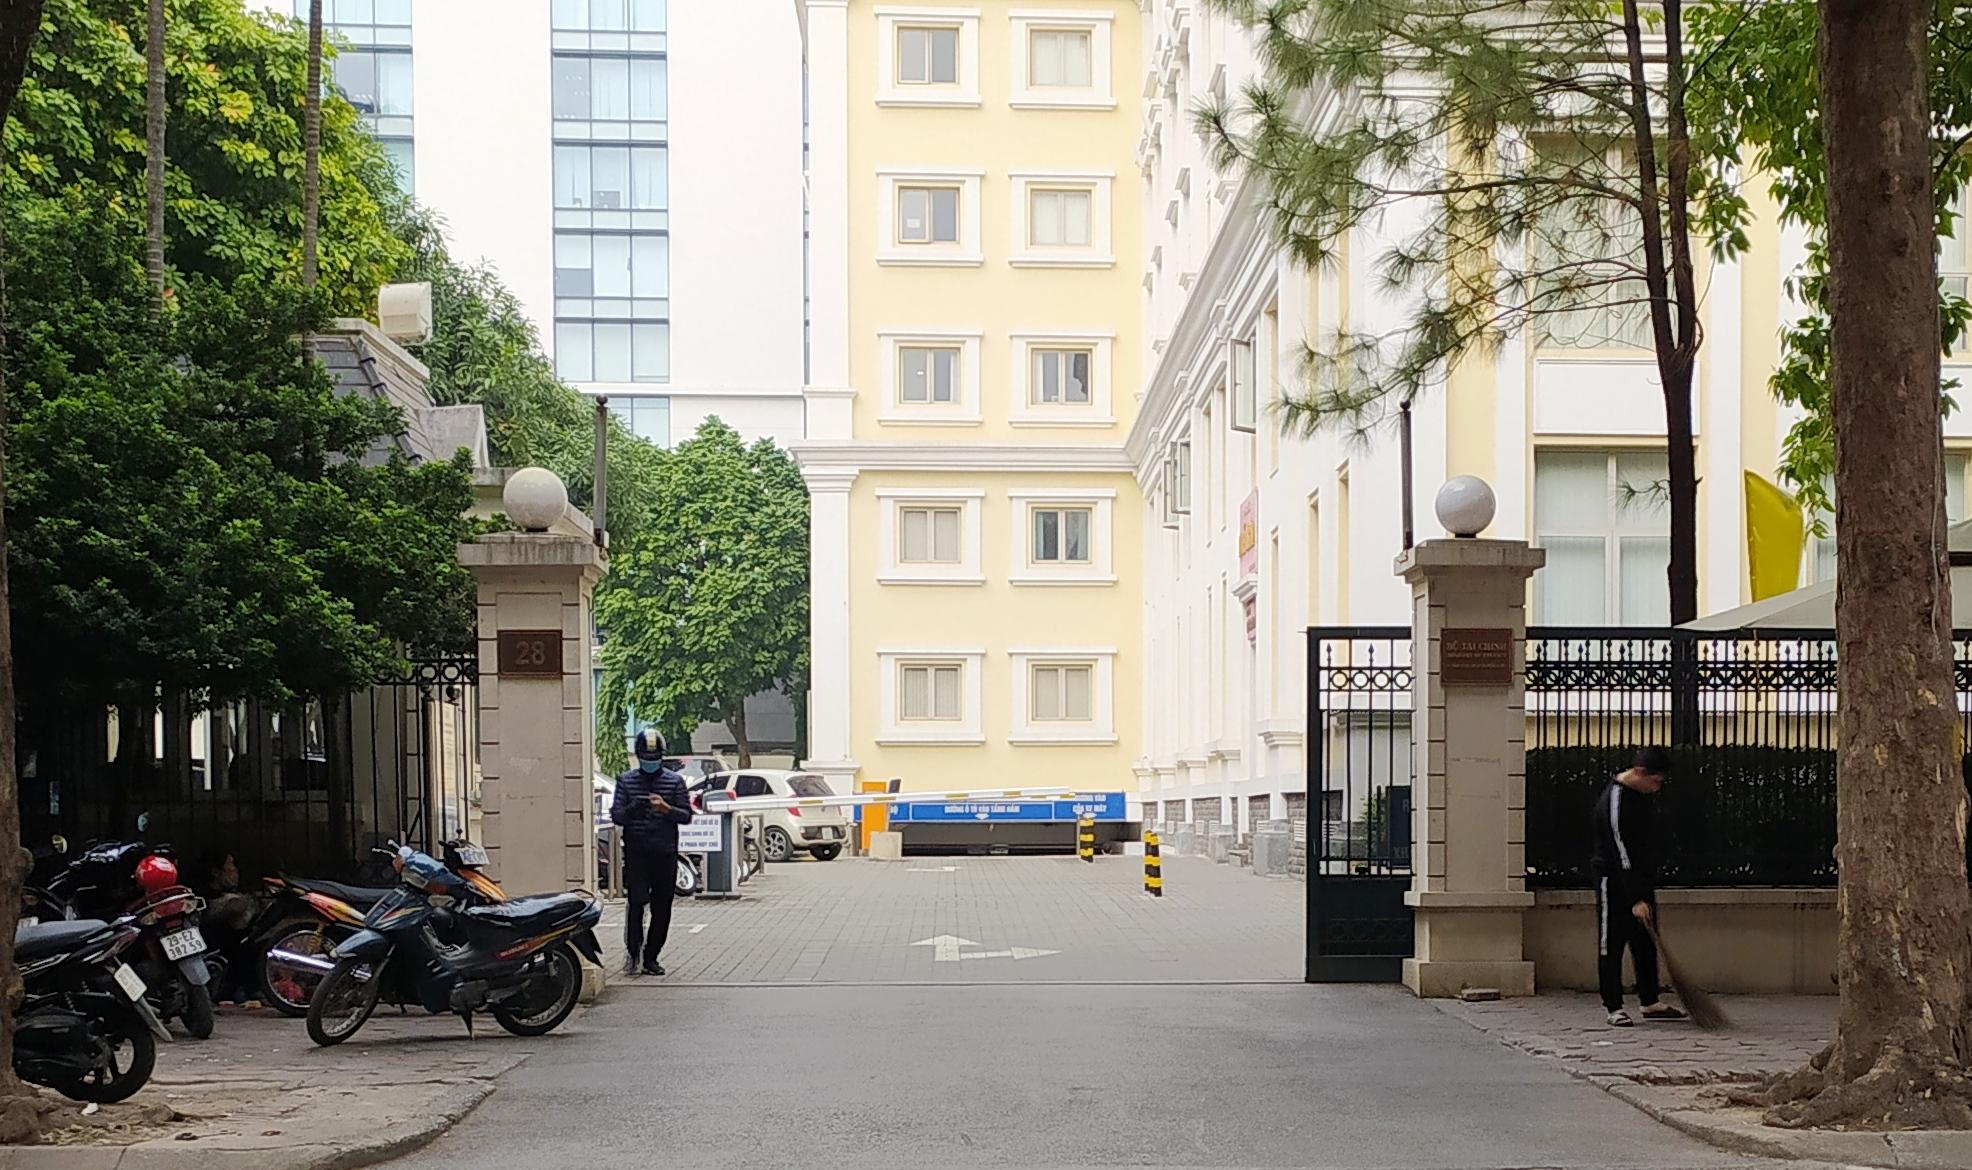 Bộ Tài chính ra thông cáo về việc Cục trưởng Quản lý, Giám sát Bảo hiểm tử vong tại trụ sở - Ảnh 1.